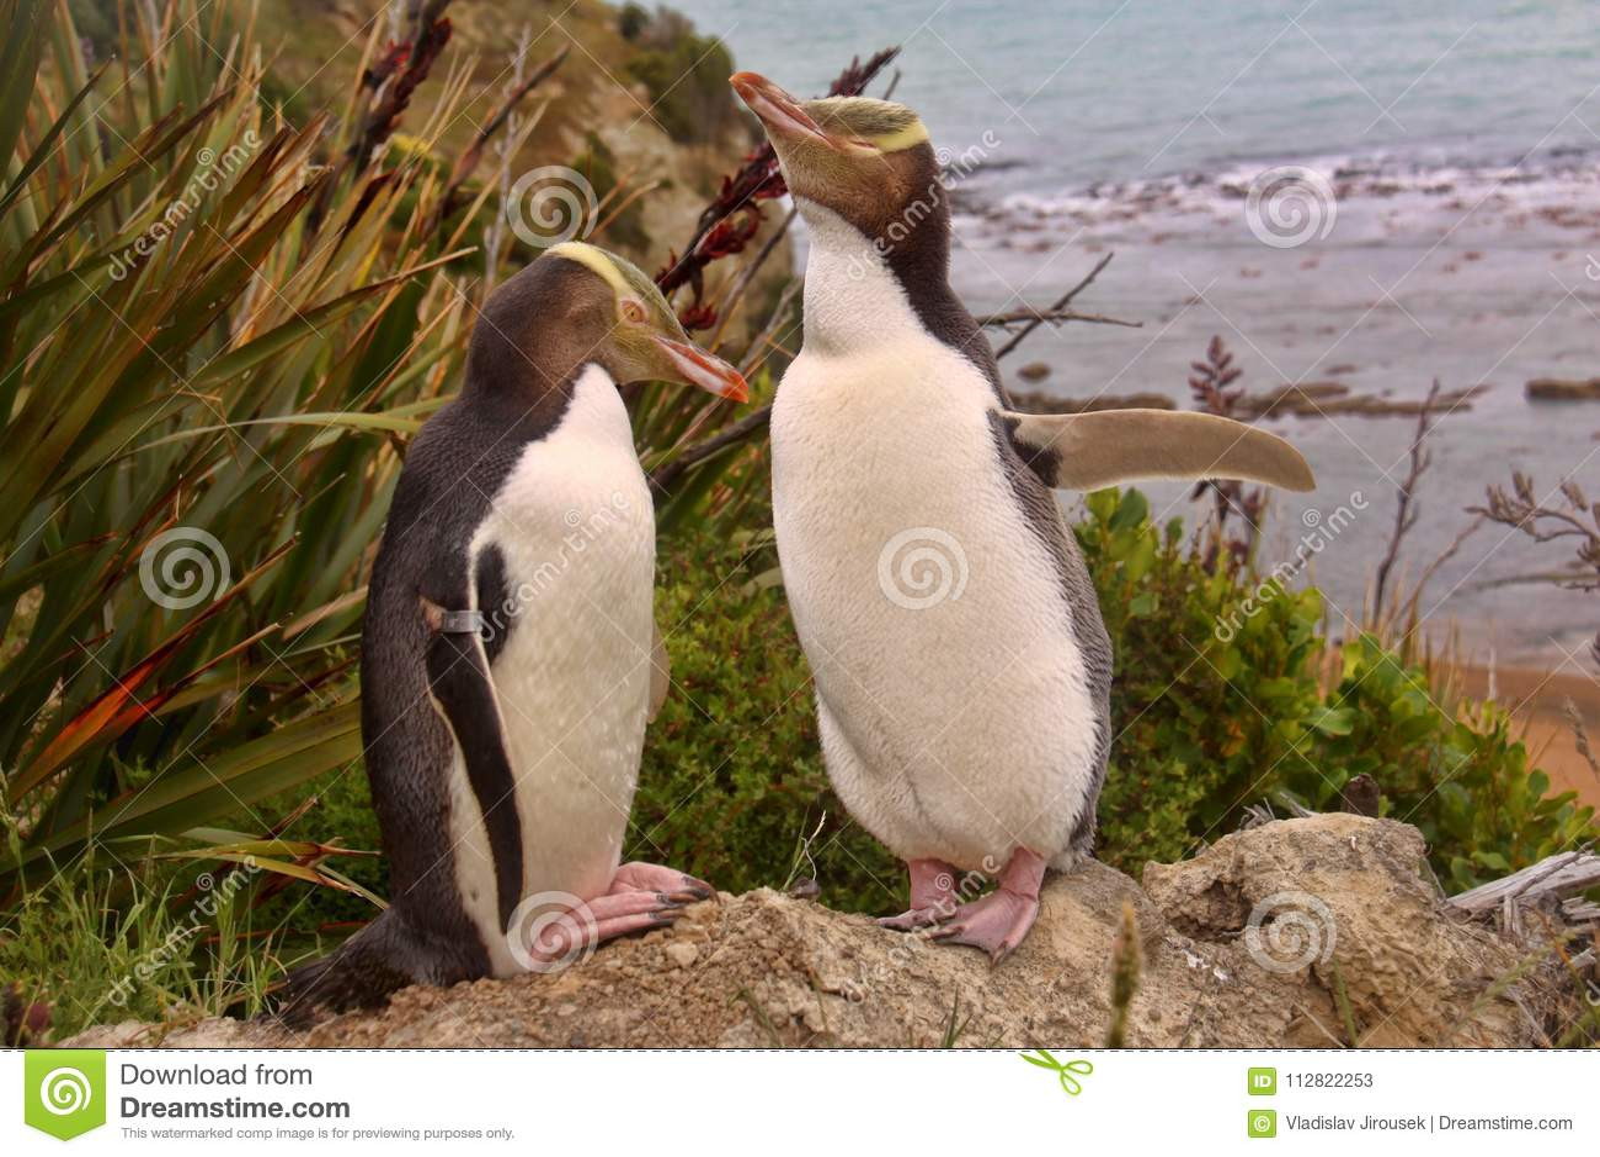 Najwięcej cennego pingwinu utrzymania, Przyglądający się pingwin, Megadyptes antipodes, Nowa Zelandia